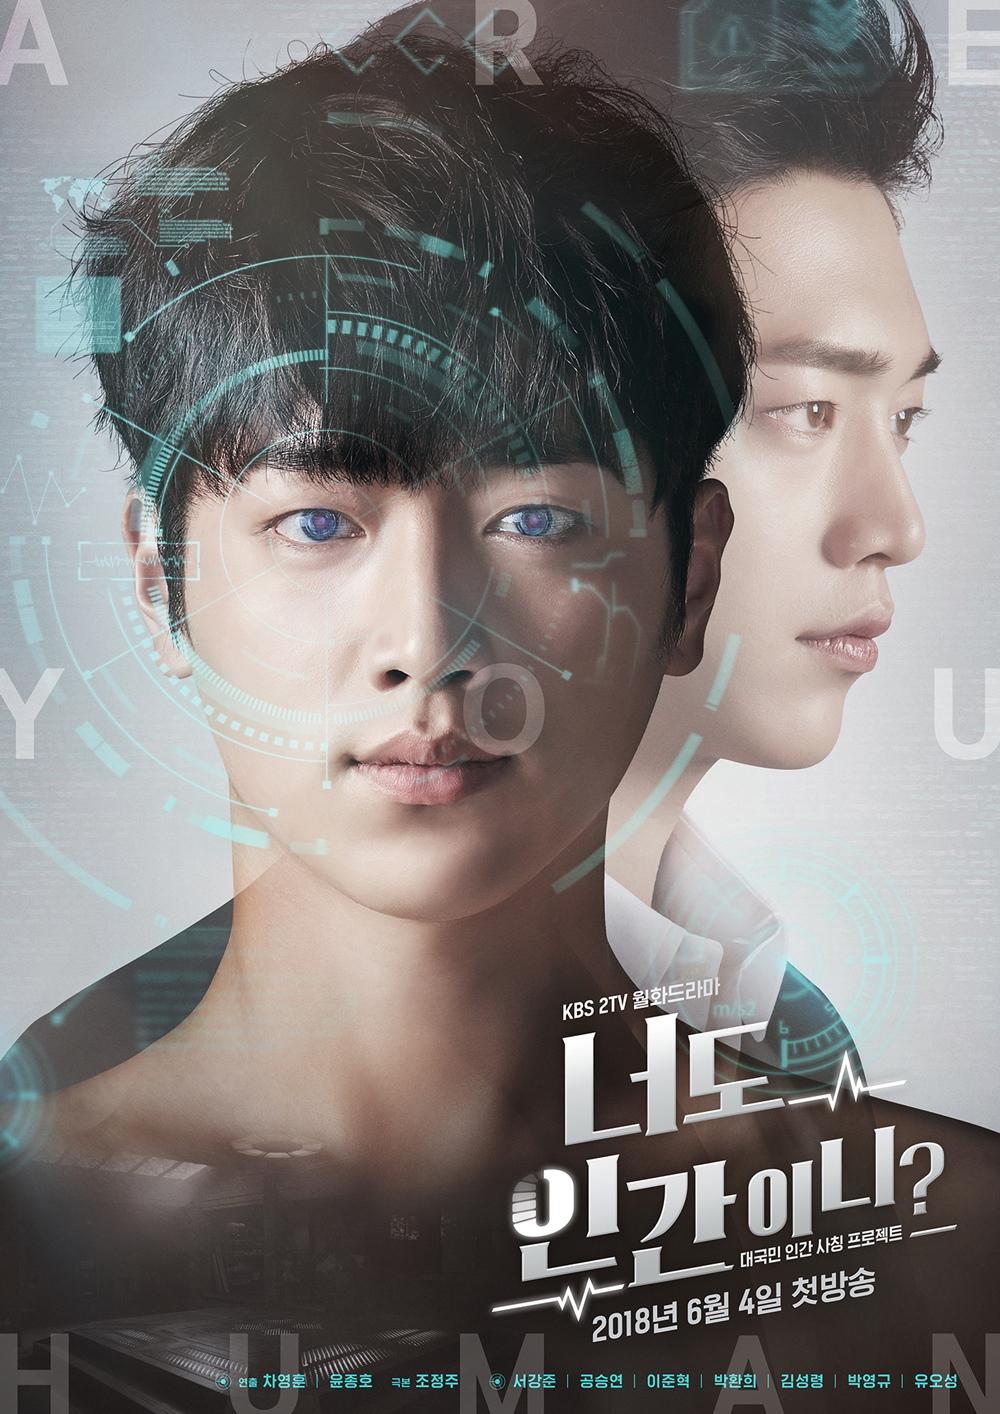 [월간드라마] 6월 첫 방송 드라마 셋! '너도 인간이니?', '김비서가 왜 그럴까', '라이프 온 마스'